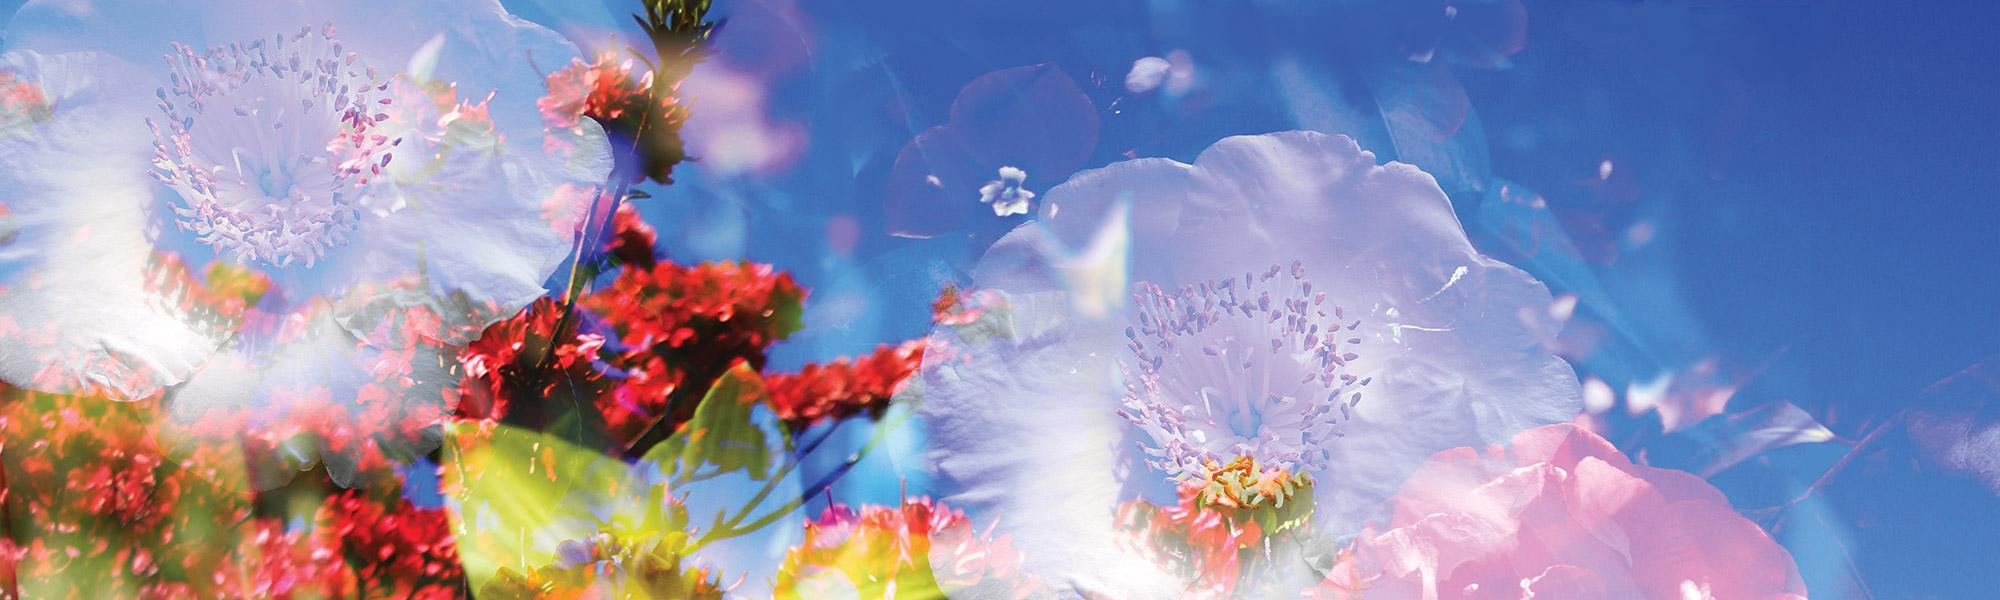 Blumenbanner